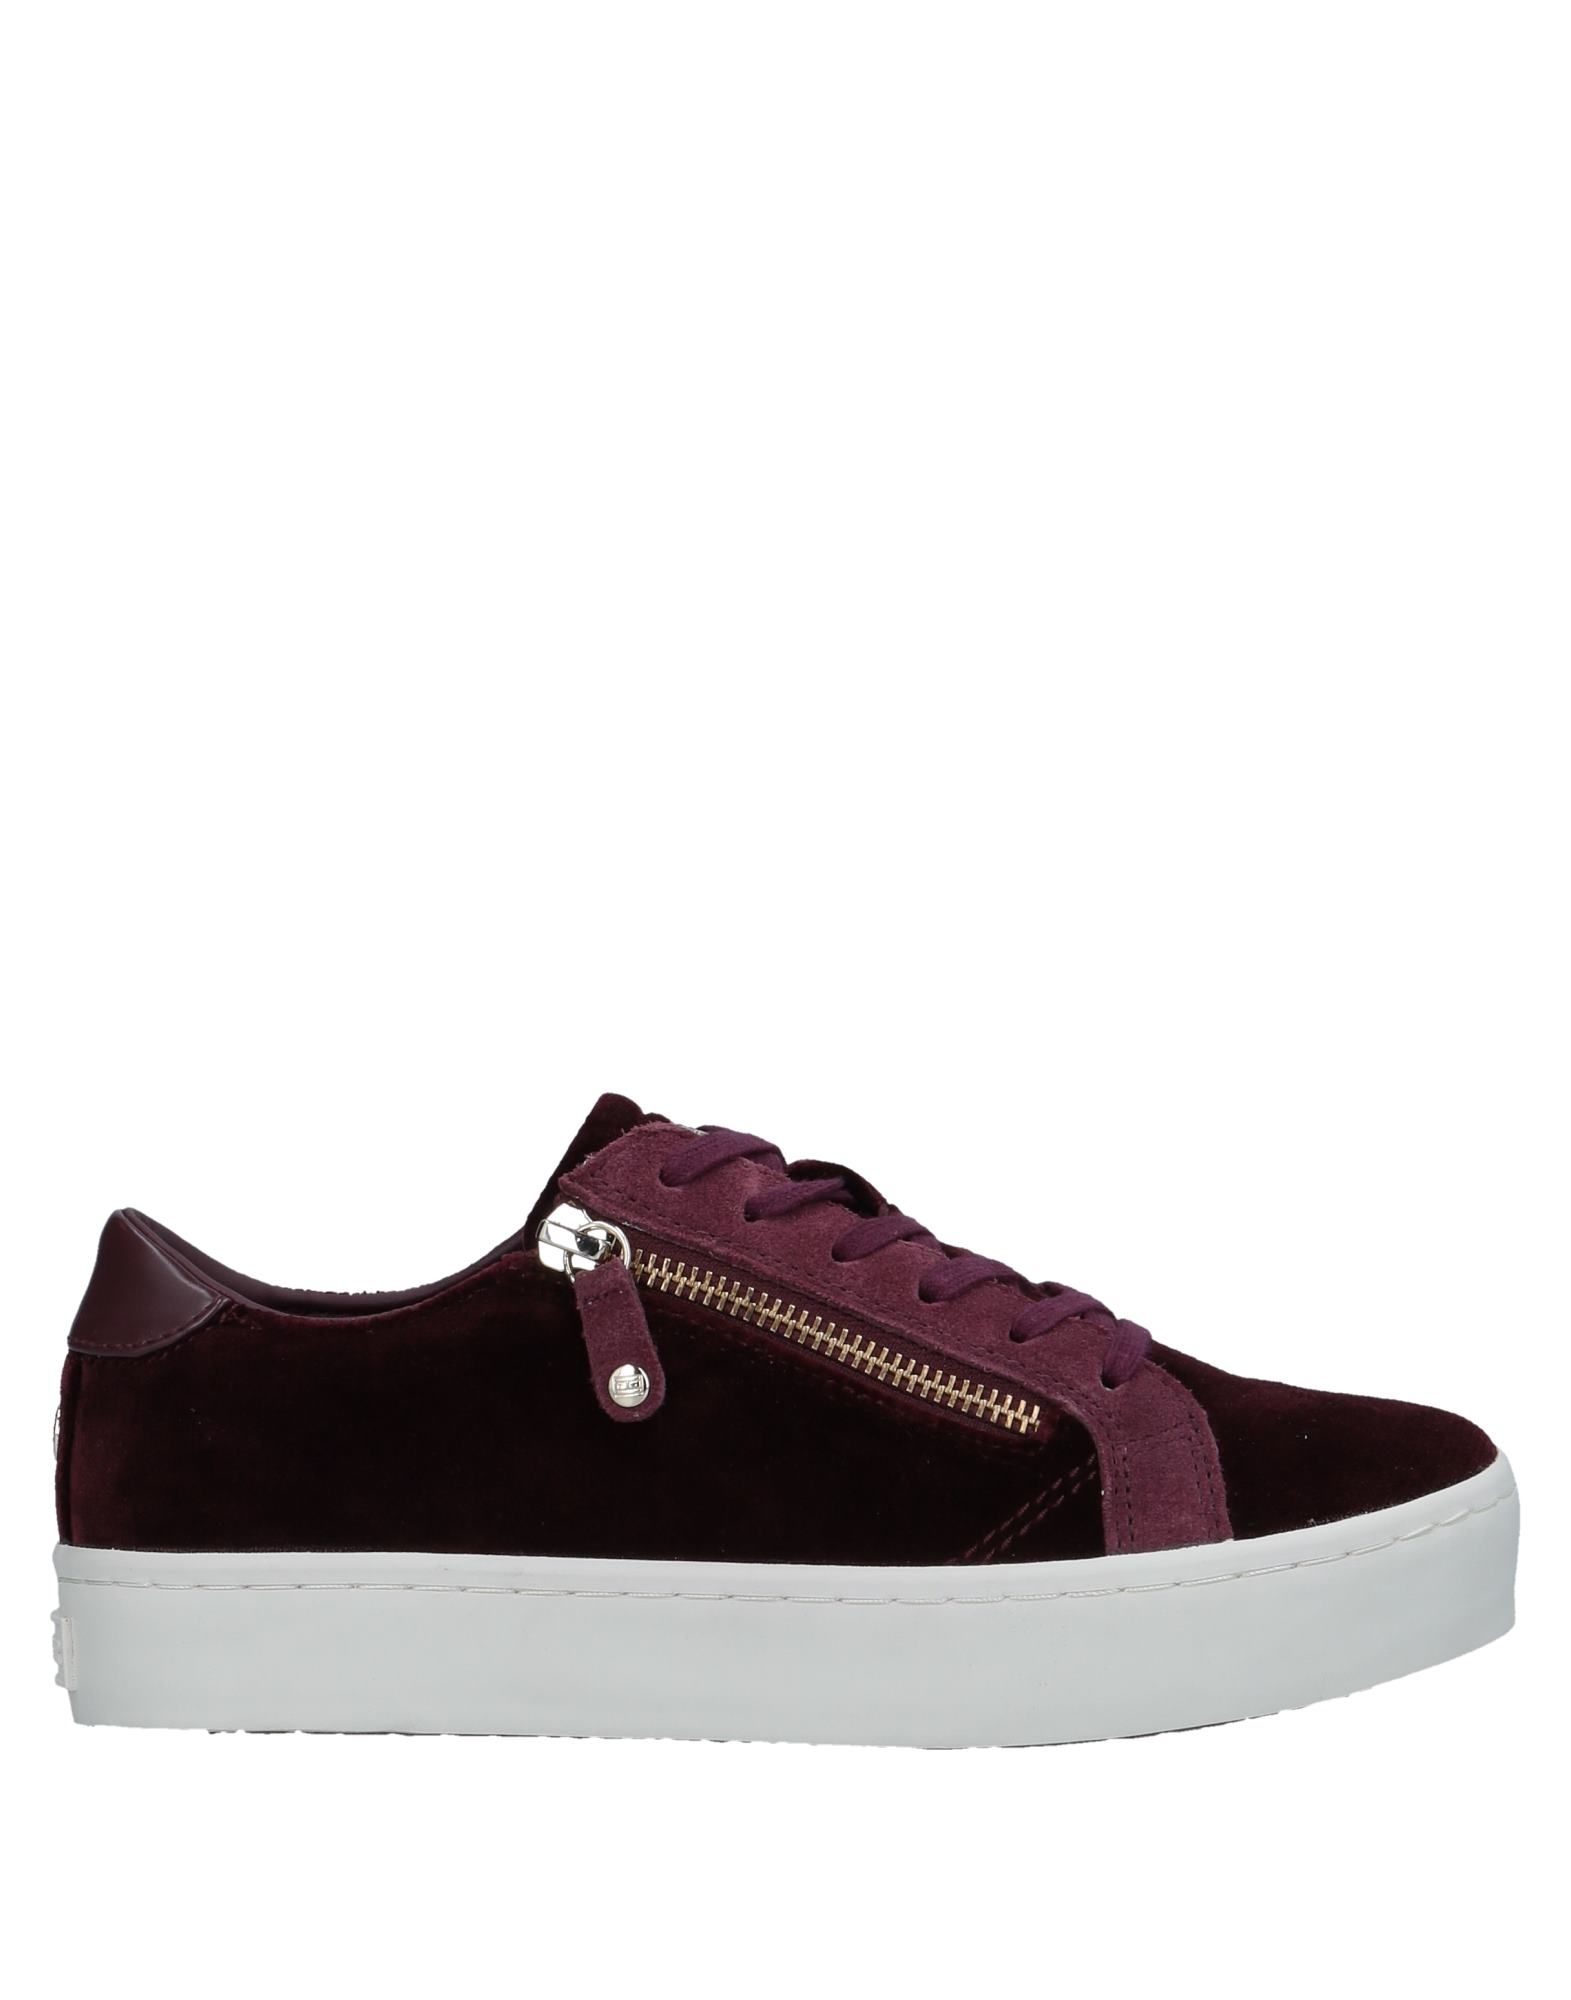 Tommy Hilfiger Sneakers Damen beliebte  11495684VV Gute Qualität beliebte Damen Schuhe 18b8b3